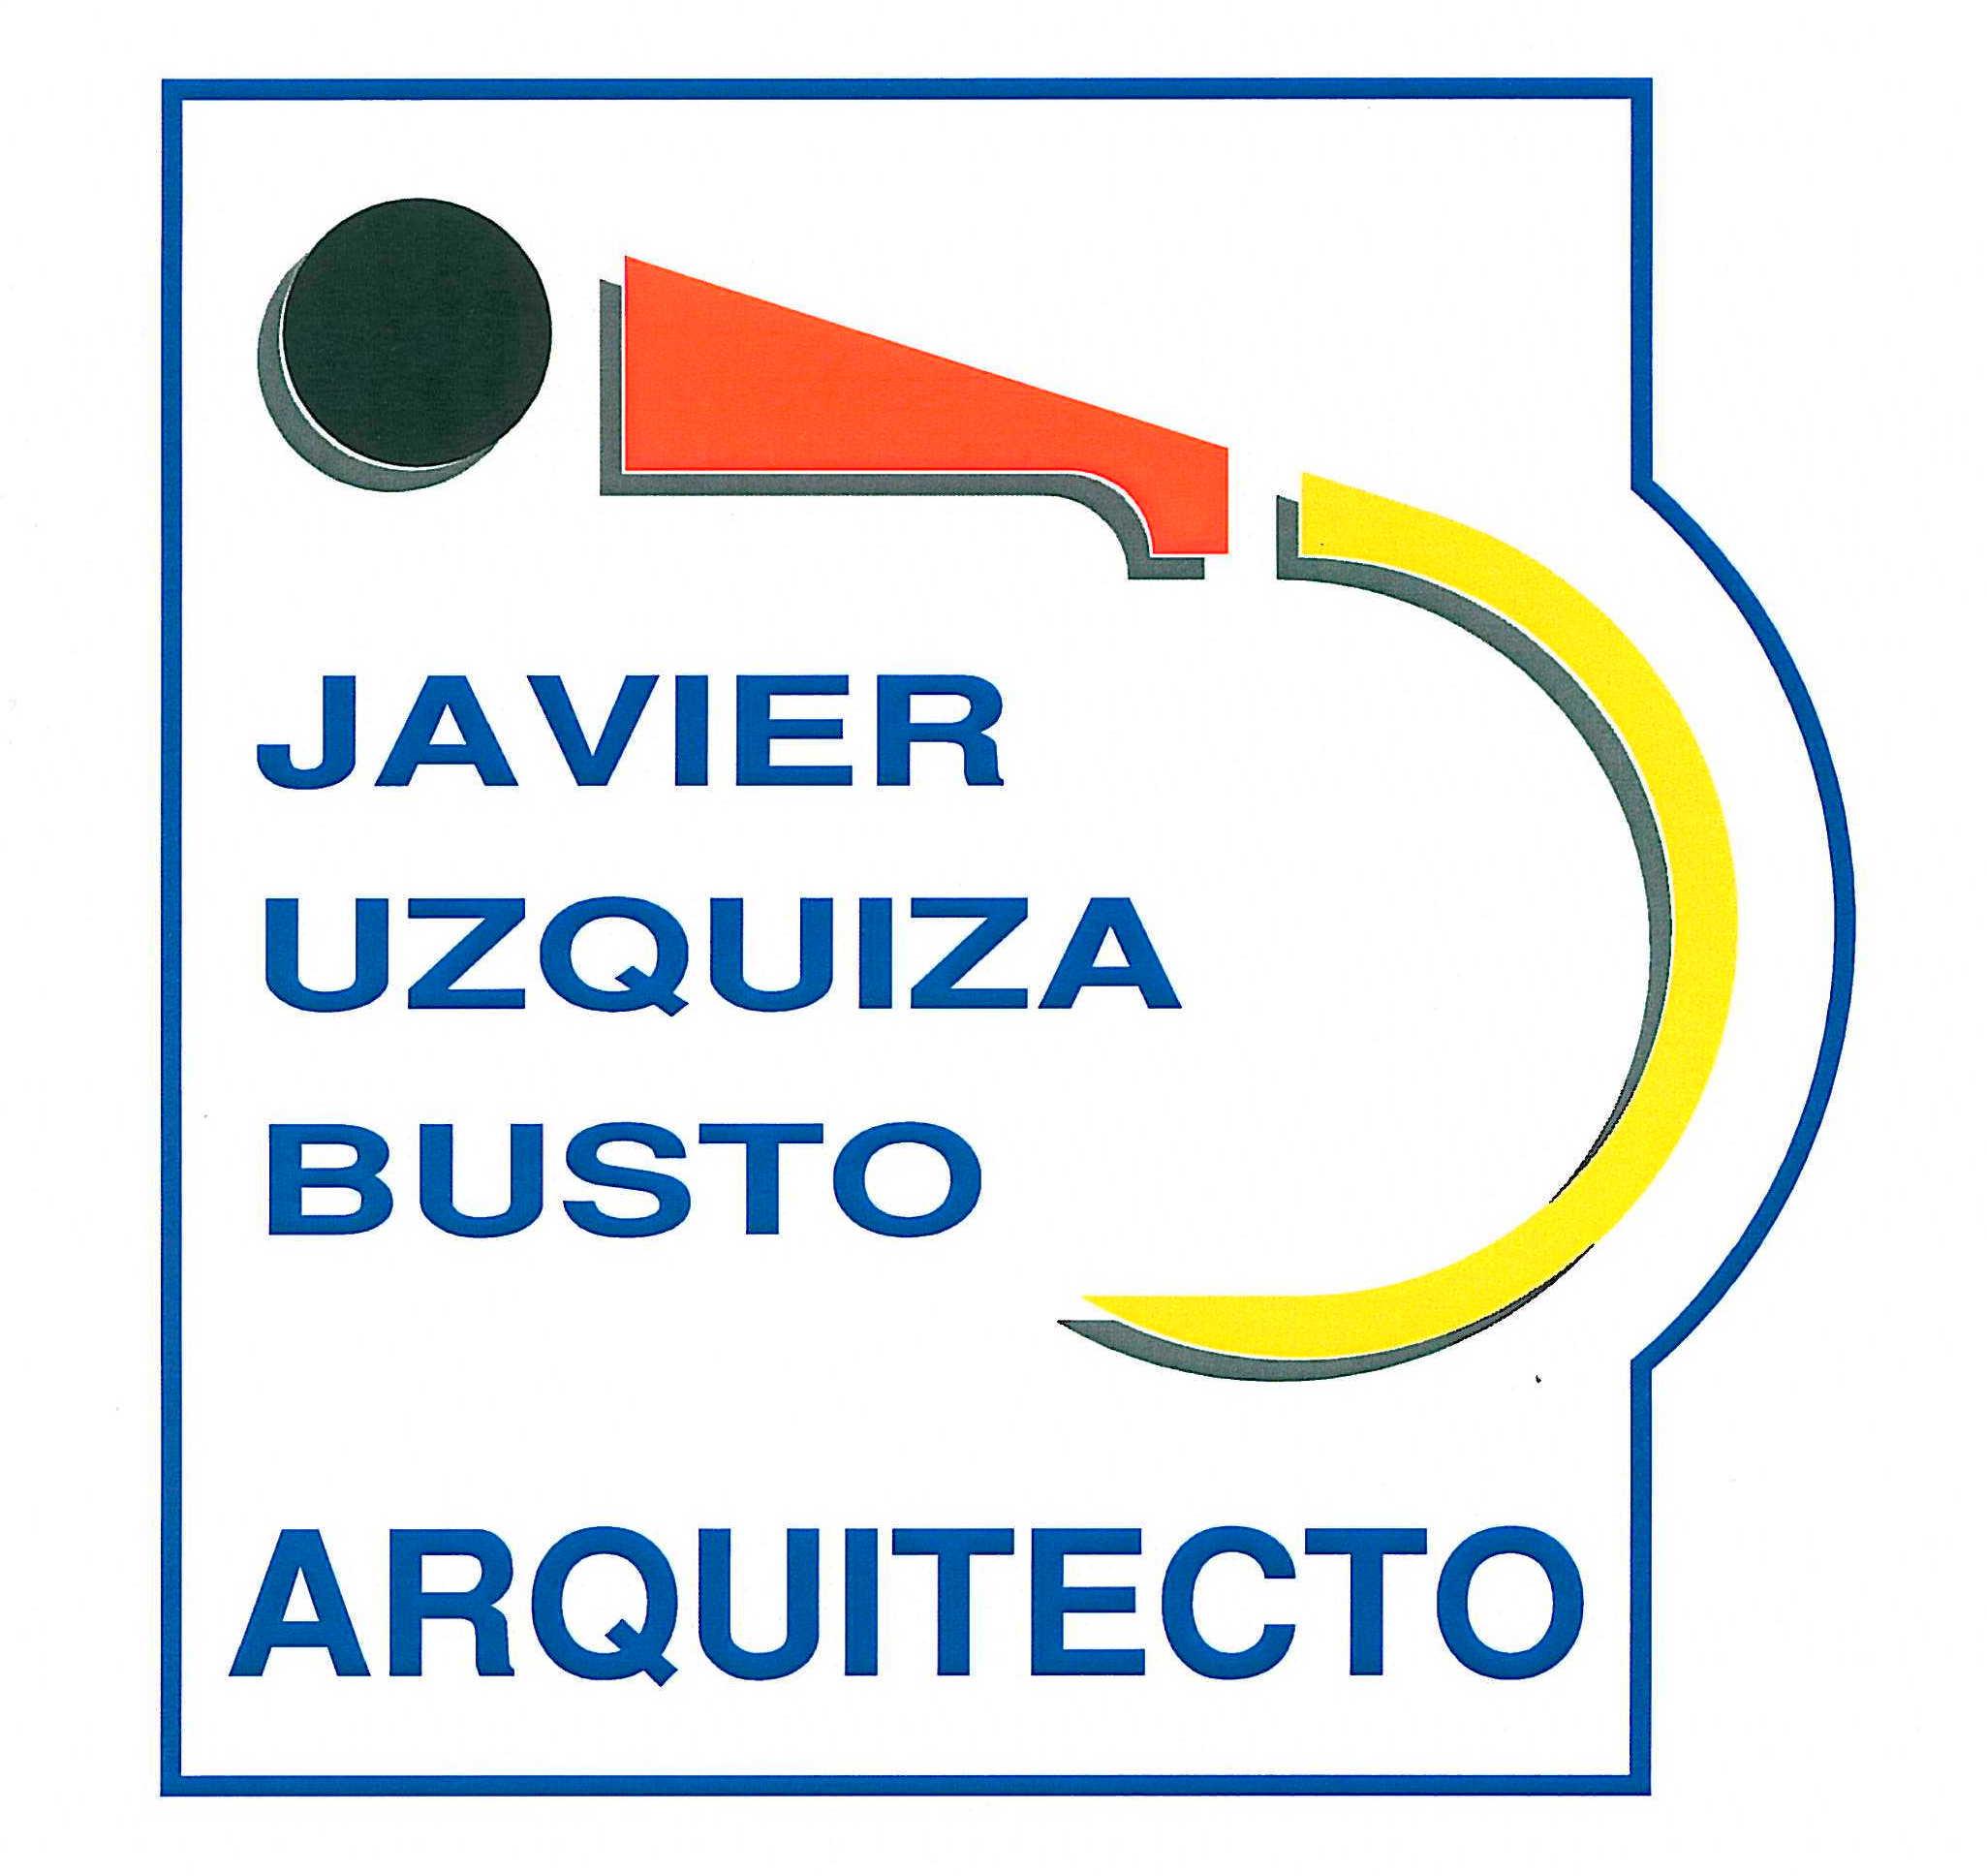 ARQUITECTO Javier Uzquiza